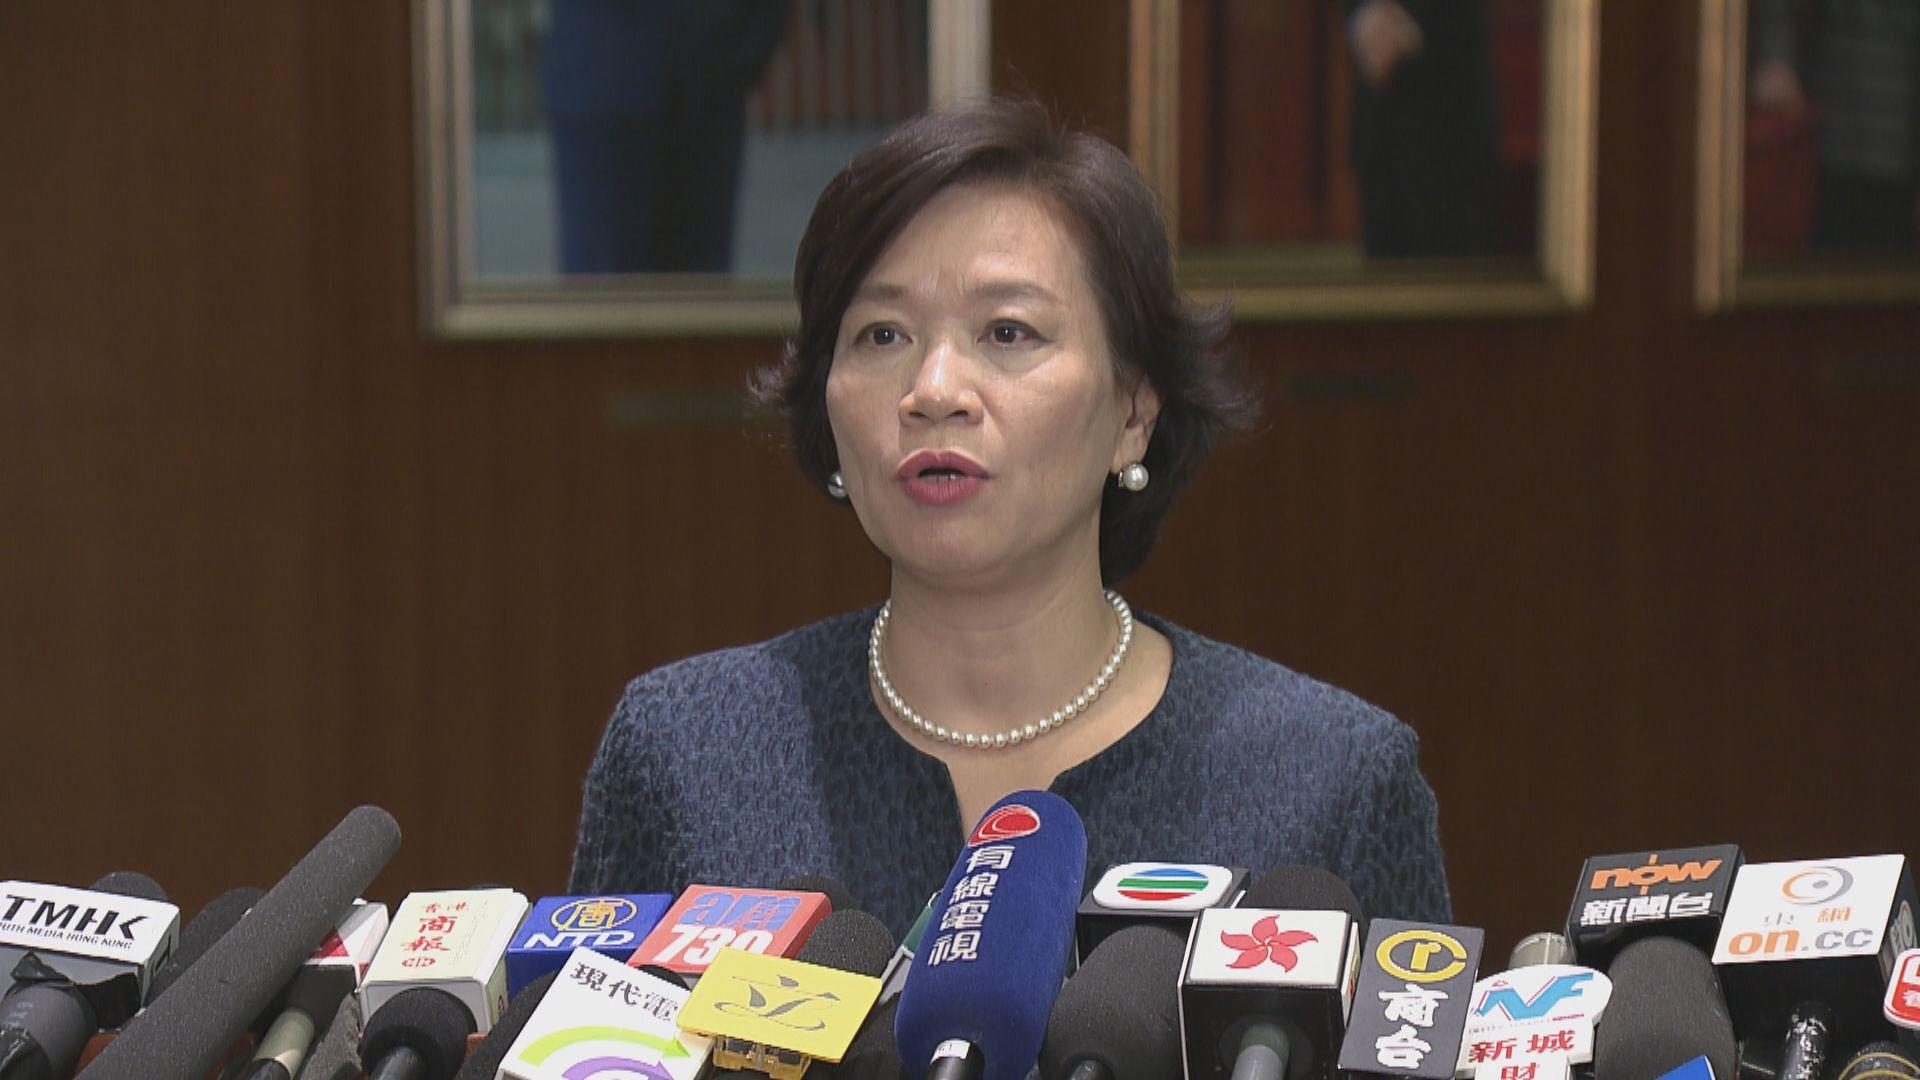 梁美芬:各級選舉中的公職人員需效忠基本法